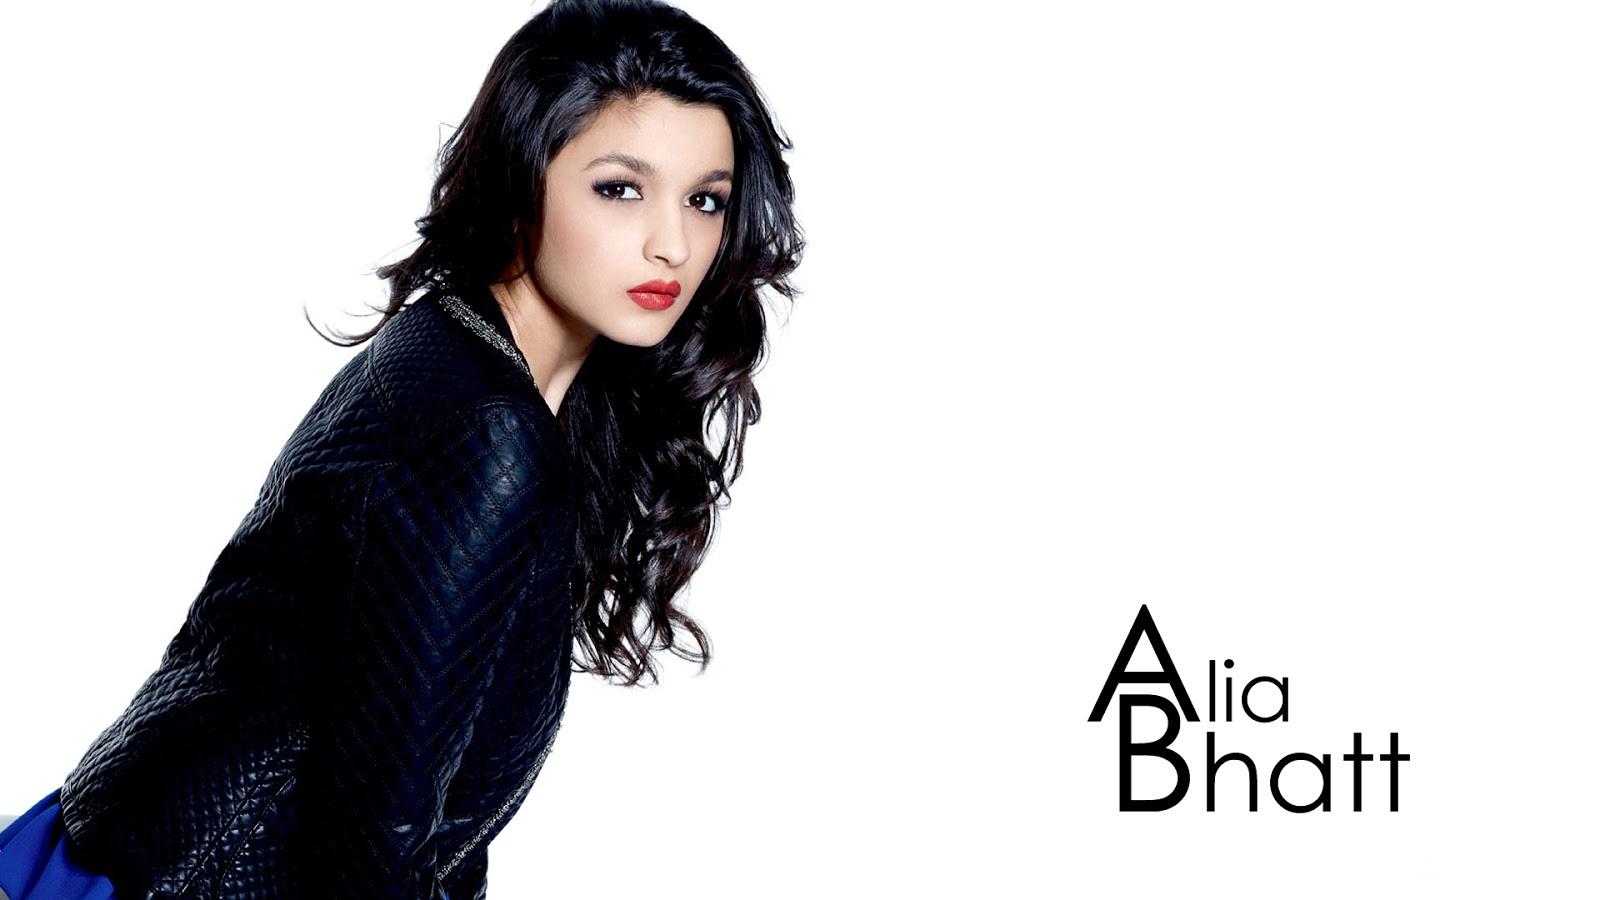 Alia Bhatt Image: 4k Ultra HD Wallpaper: Alia Bhatt HD Wallpapers